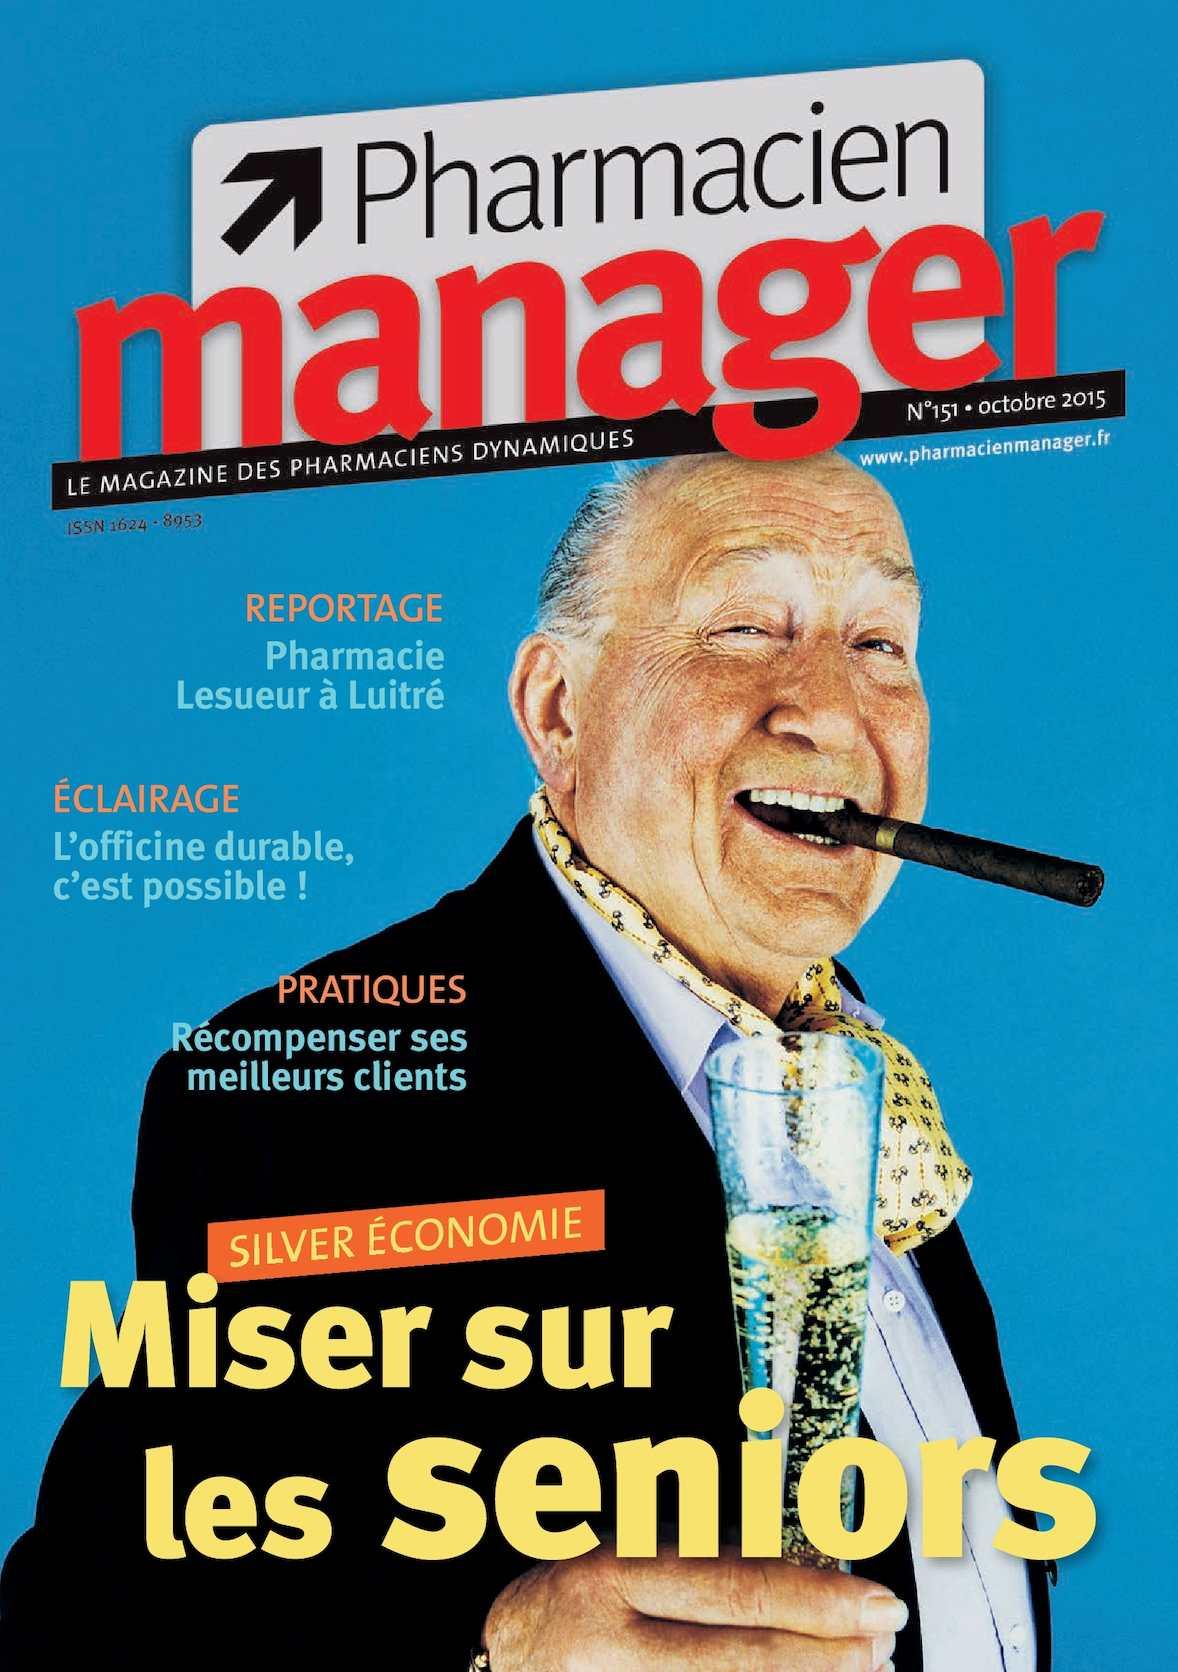 Pharmacien manager - 1015